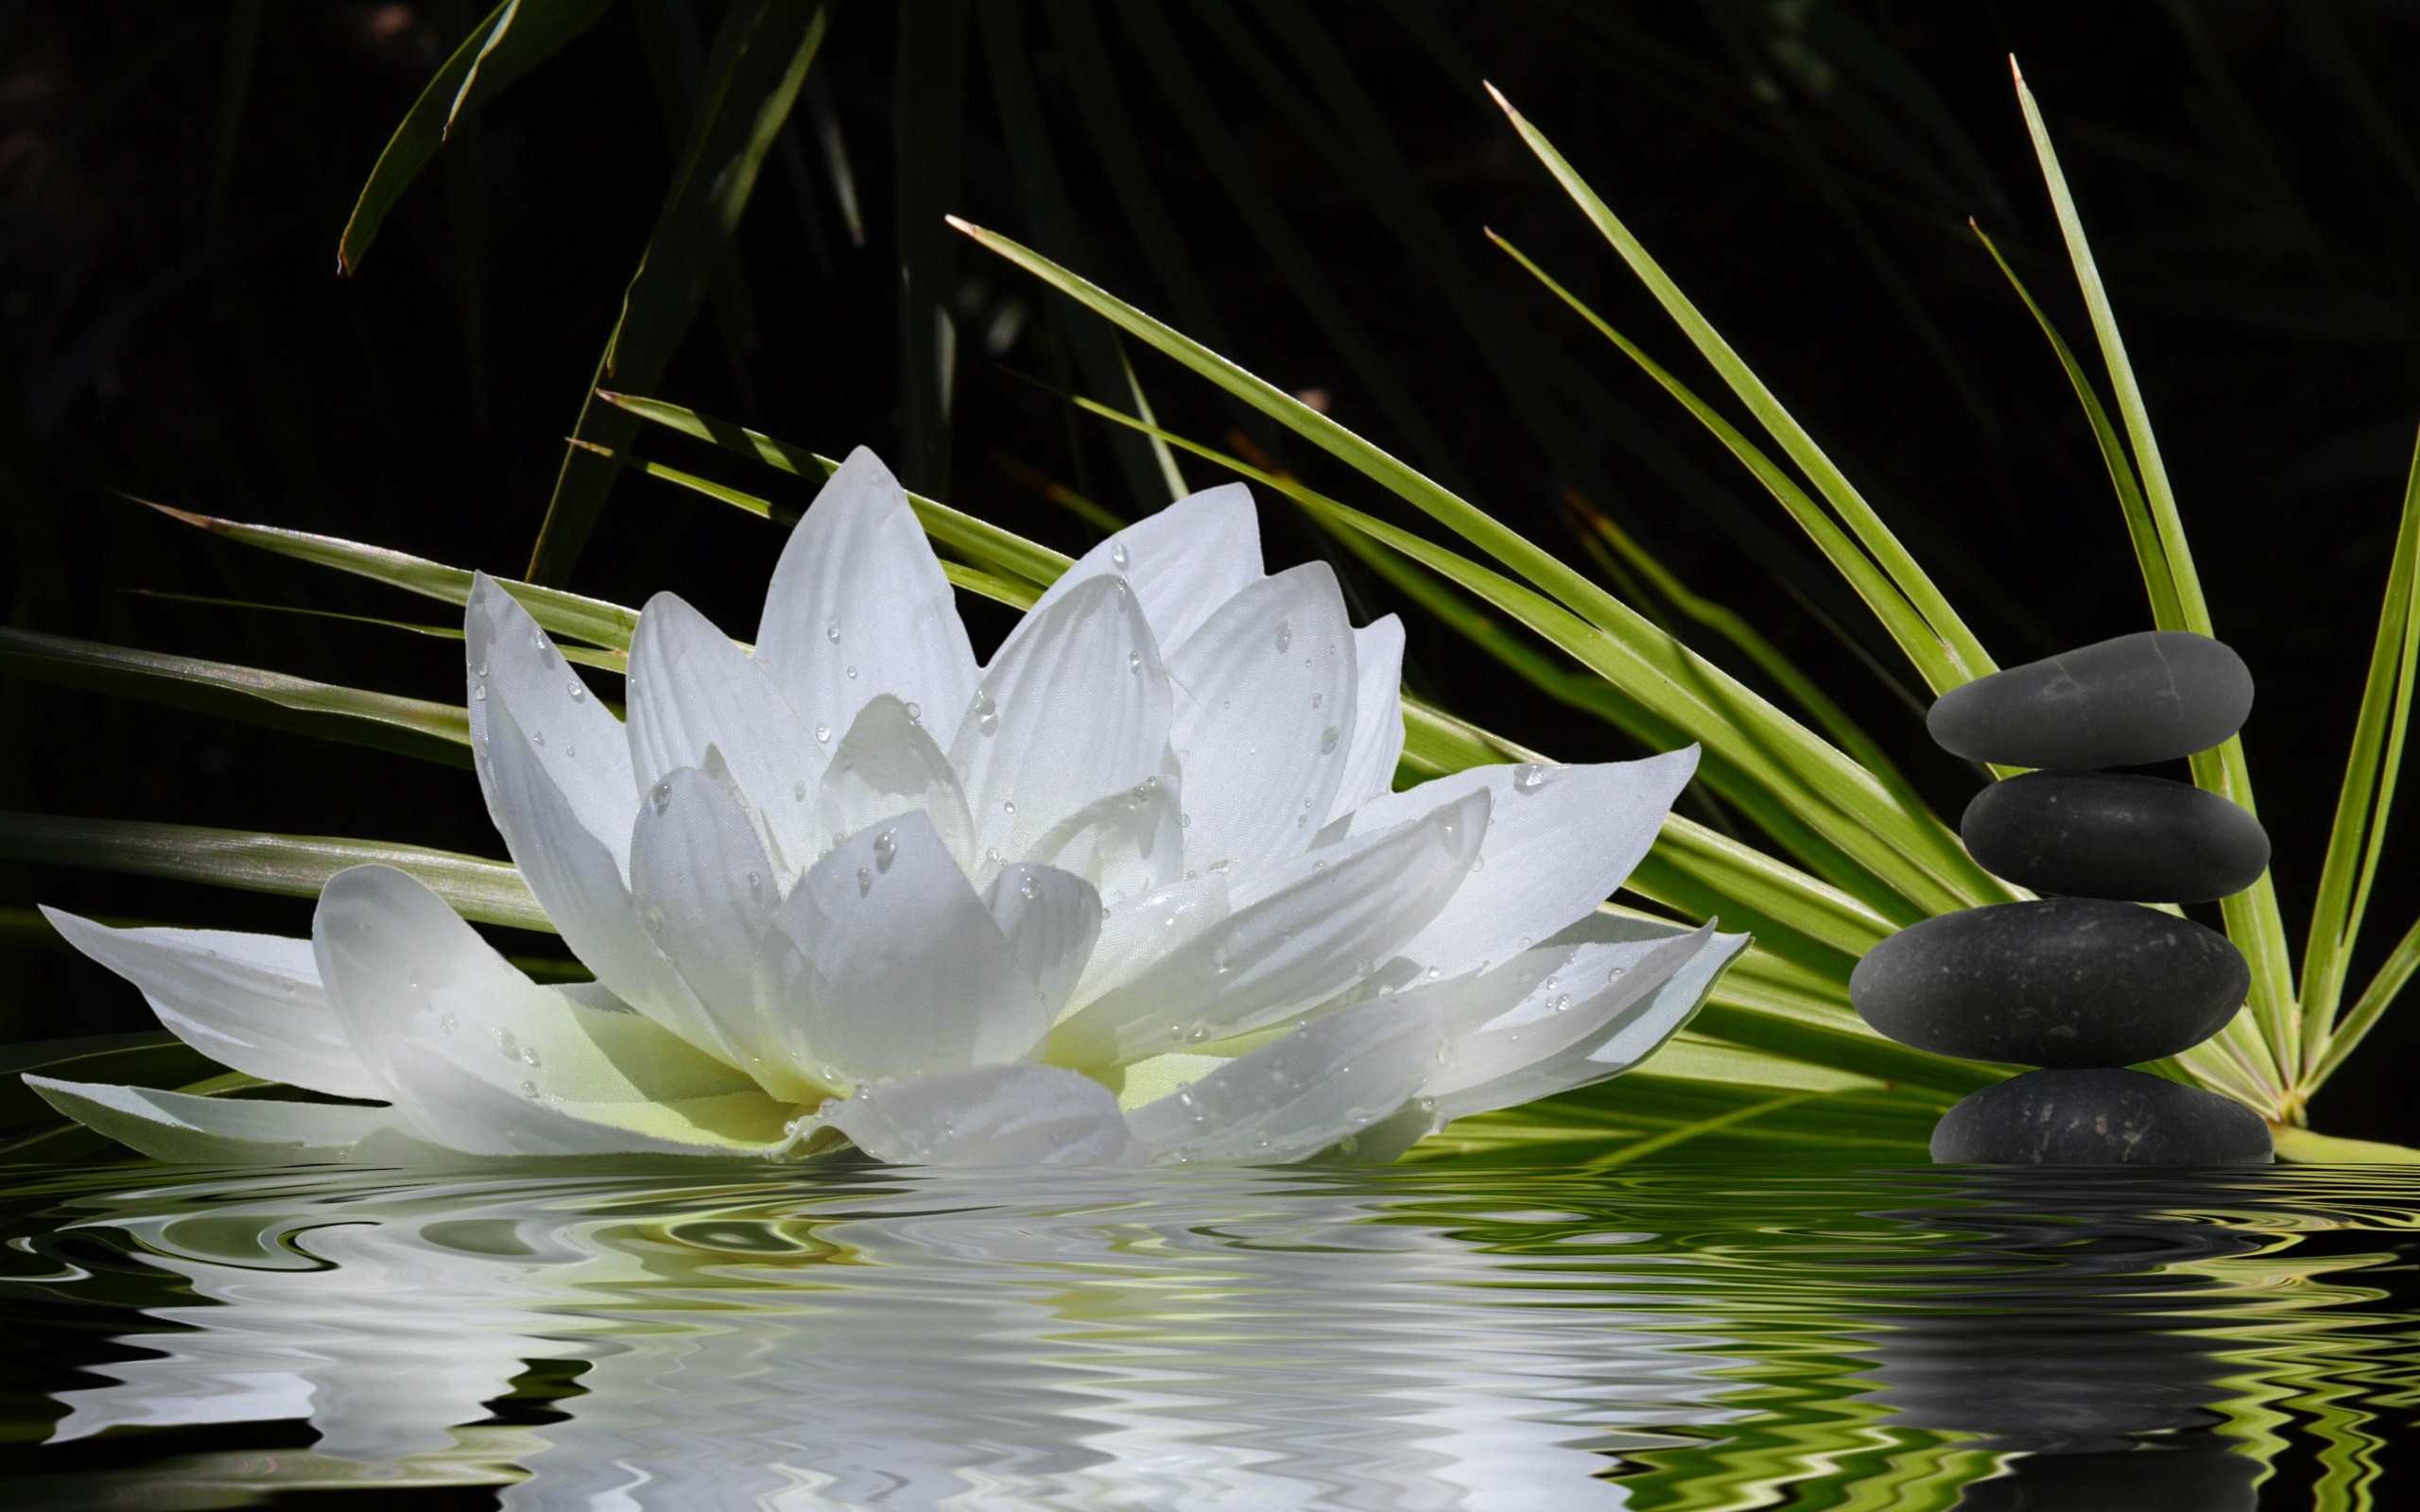 Zen wallpapers pictures images - Image zen nature ...